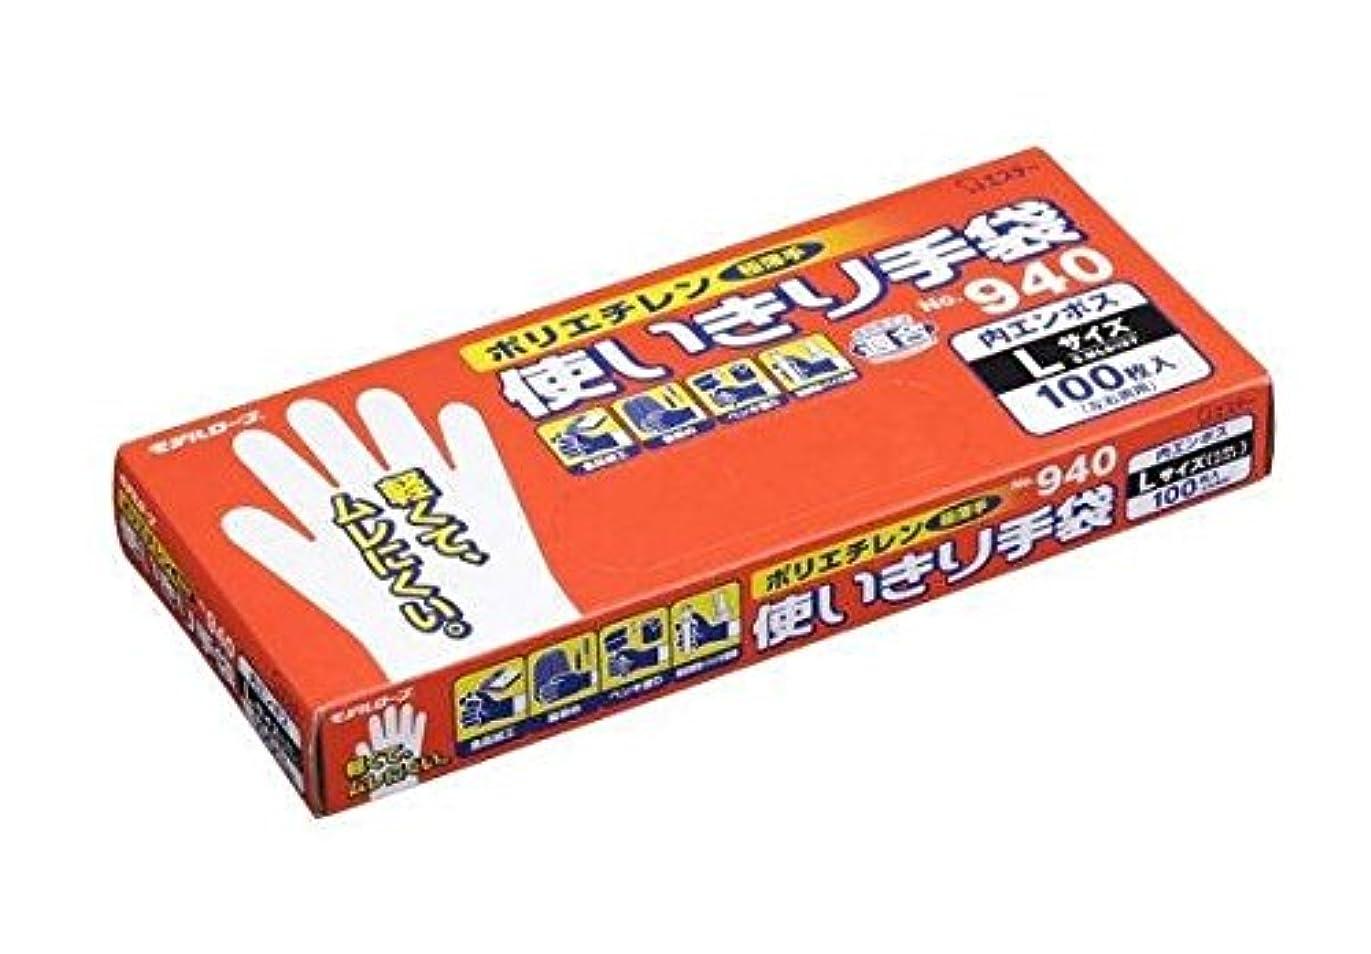 不調和味退屈させるエステー NO940 ポリエチレン エンボス使い切り手袋 L 100枚入 3箱セット